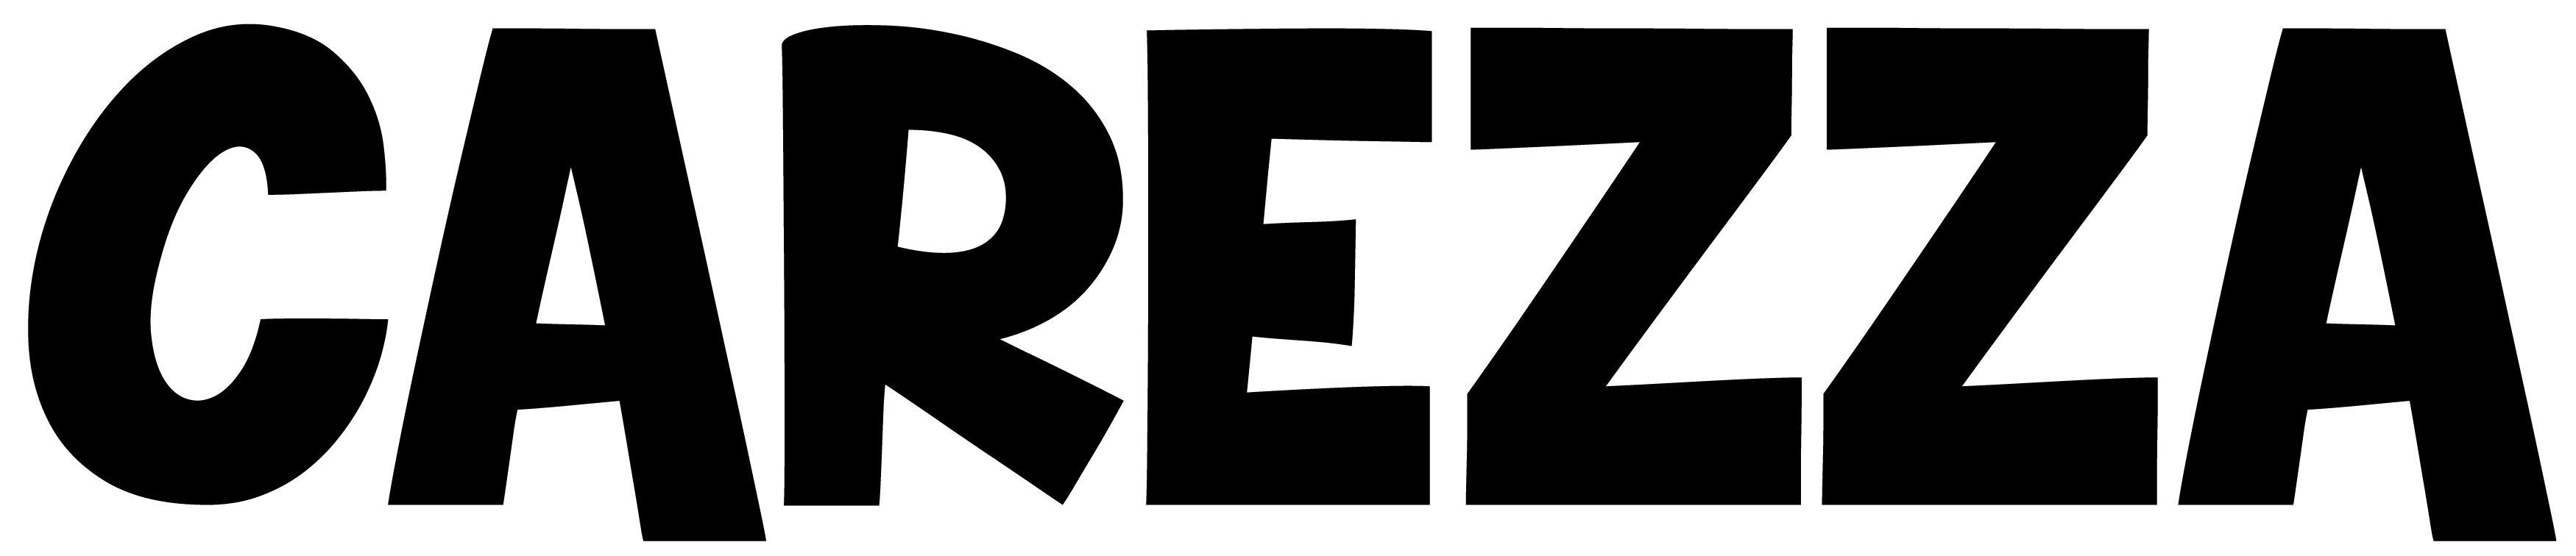 DJ CARREZZA